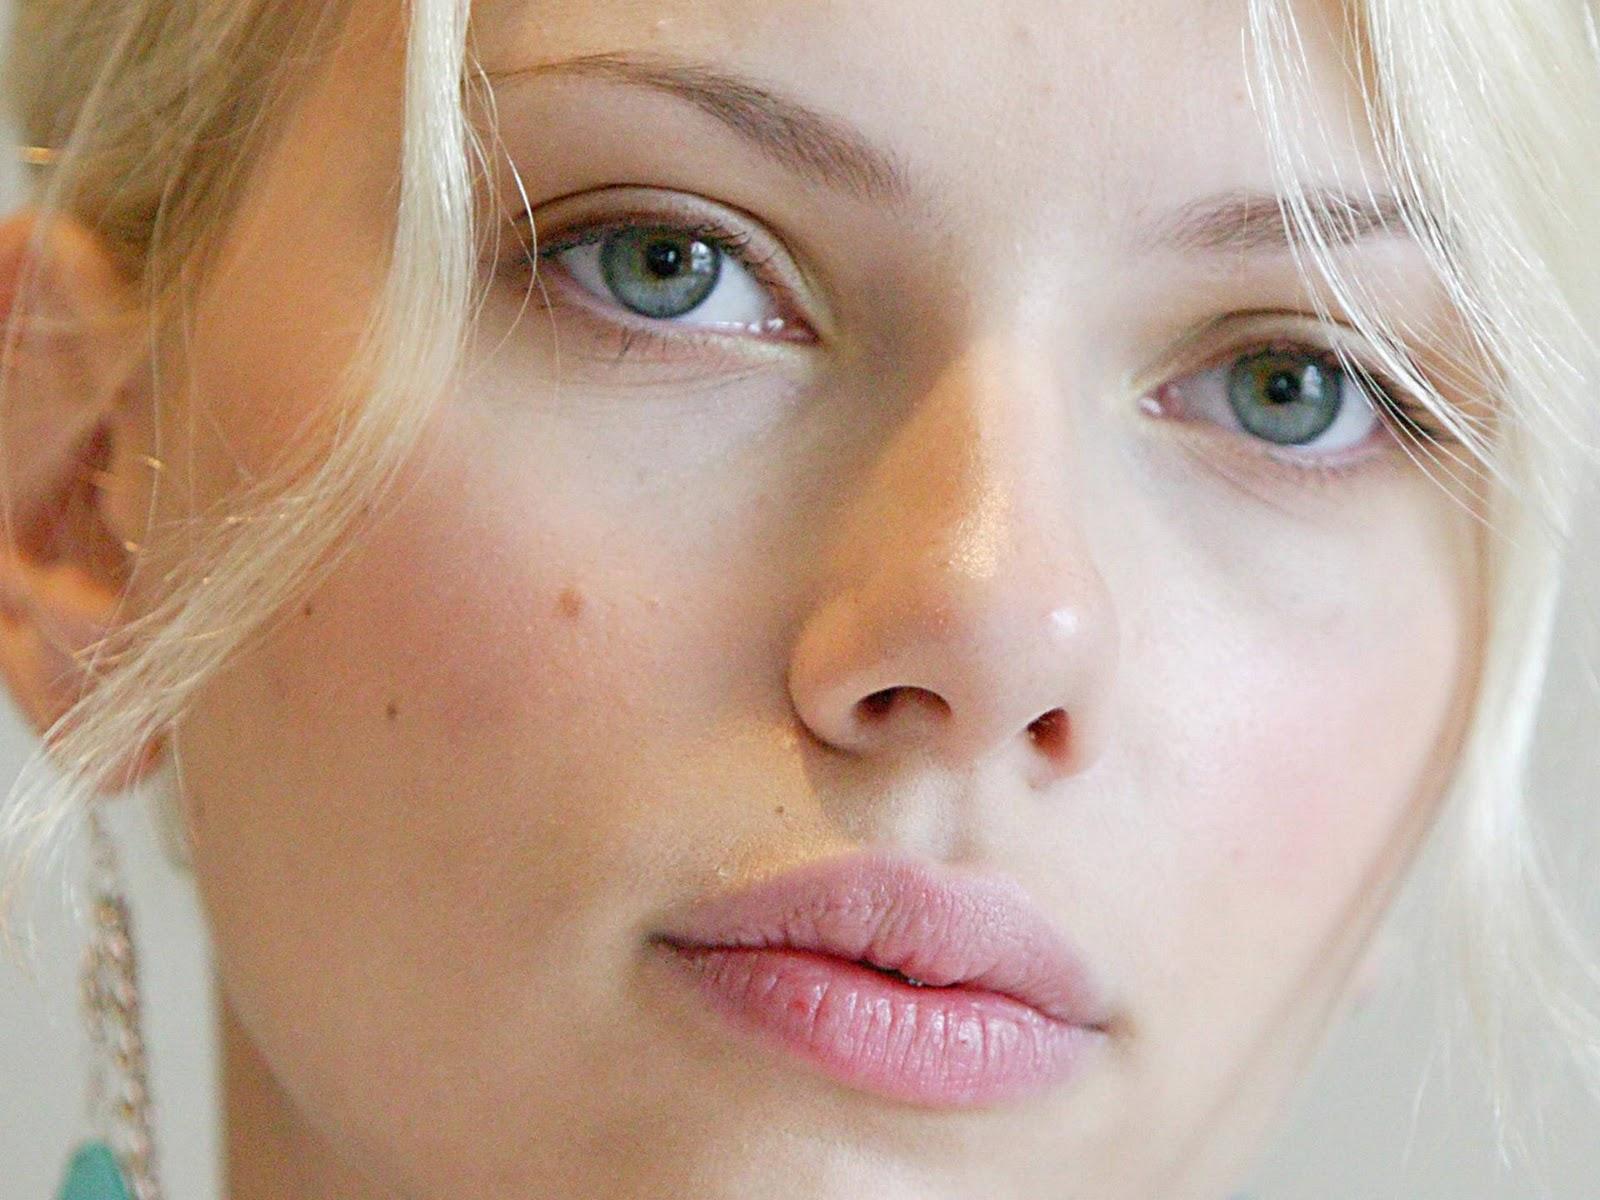 http://2.bp.blogspot.com/-PUEnzCBehMo/TqwPswEoqmI/AAAAAAAAIa0/-9DS3LdY9O0/s1600/Scarlett+Johansson+5.jpg